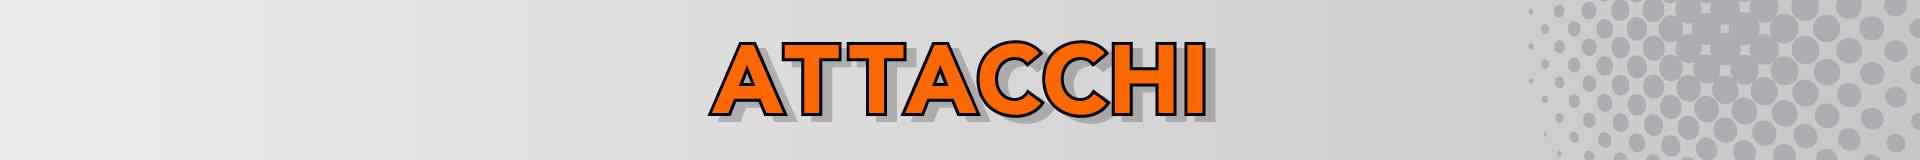 Attacchi image